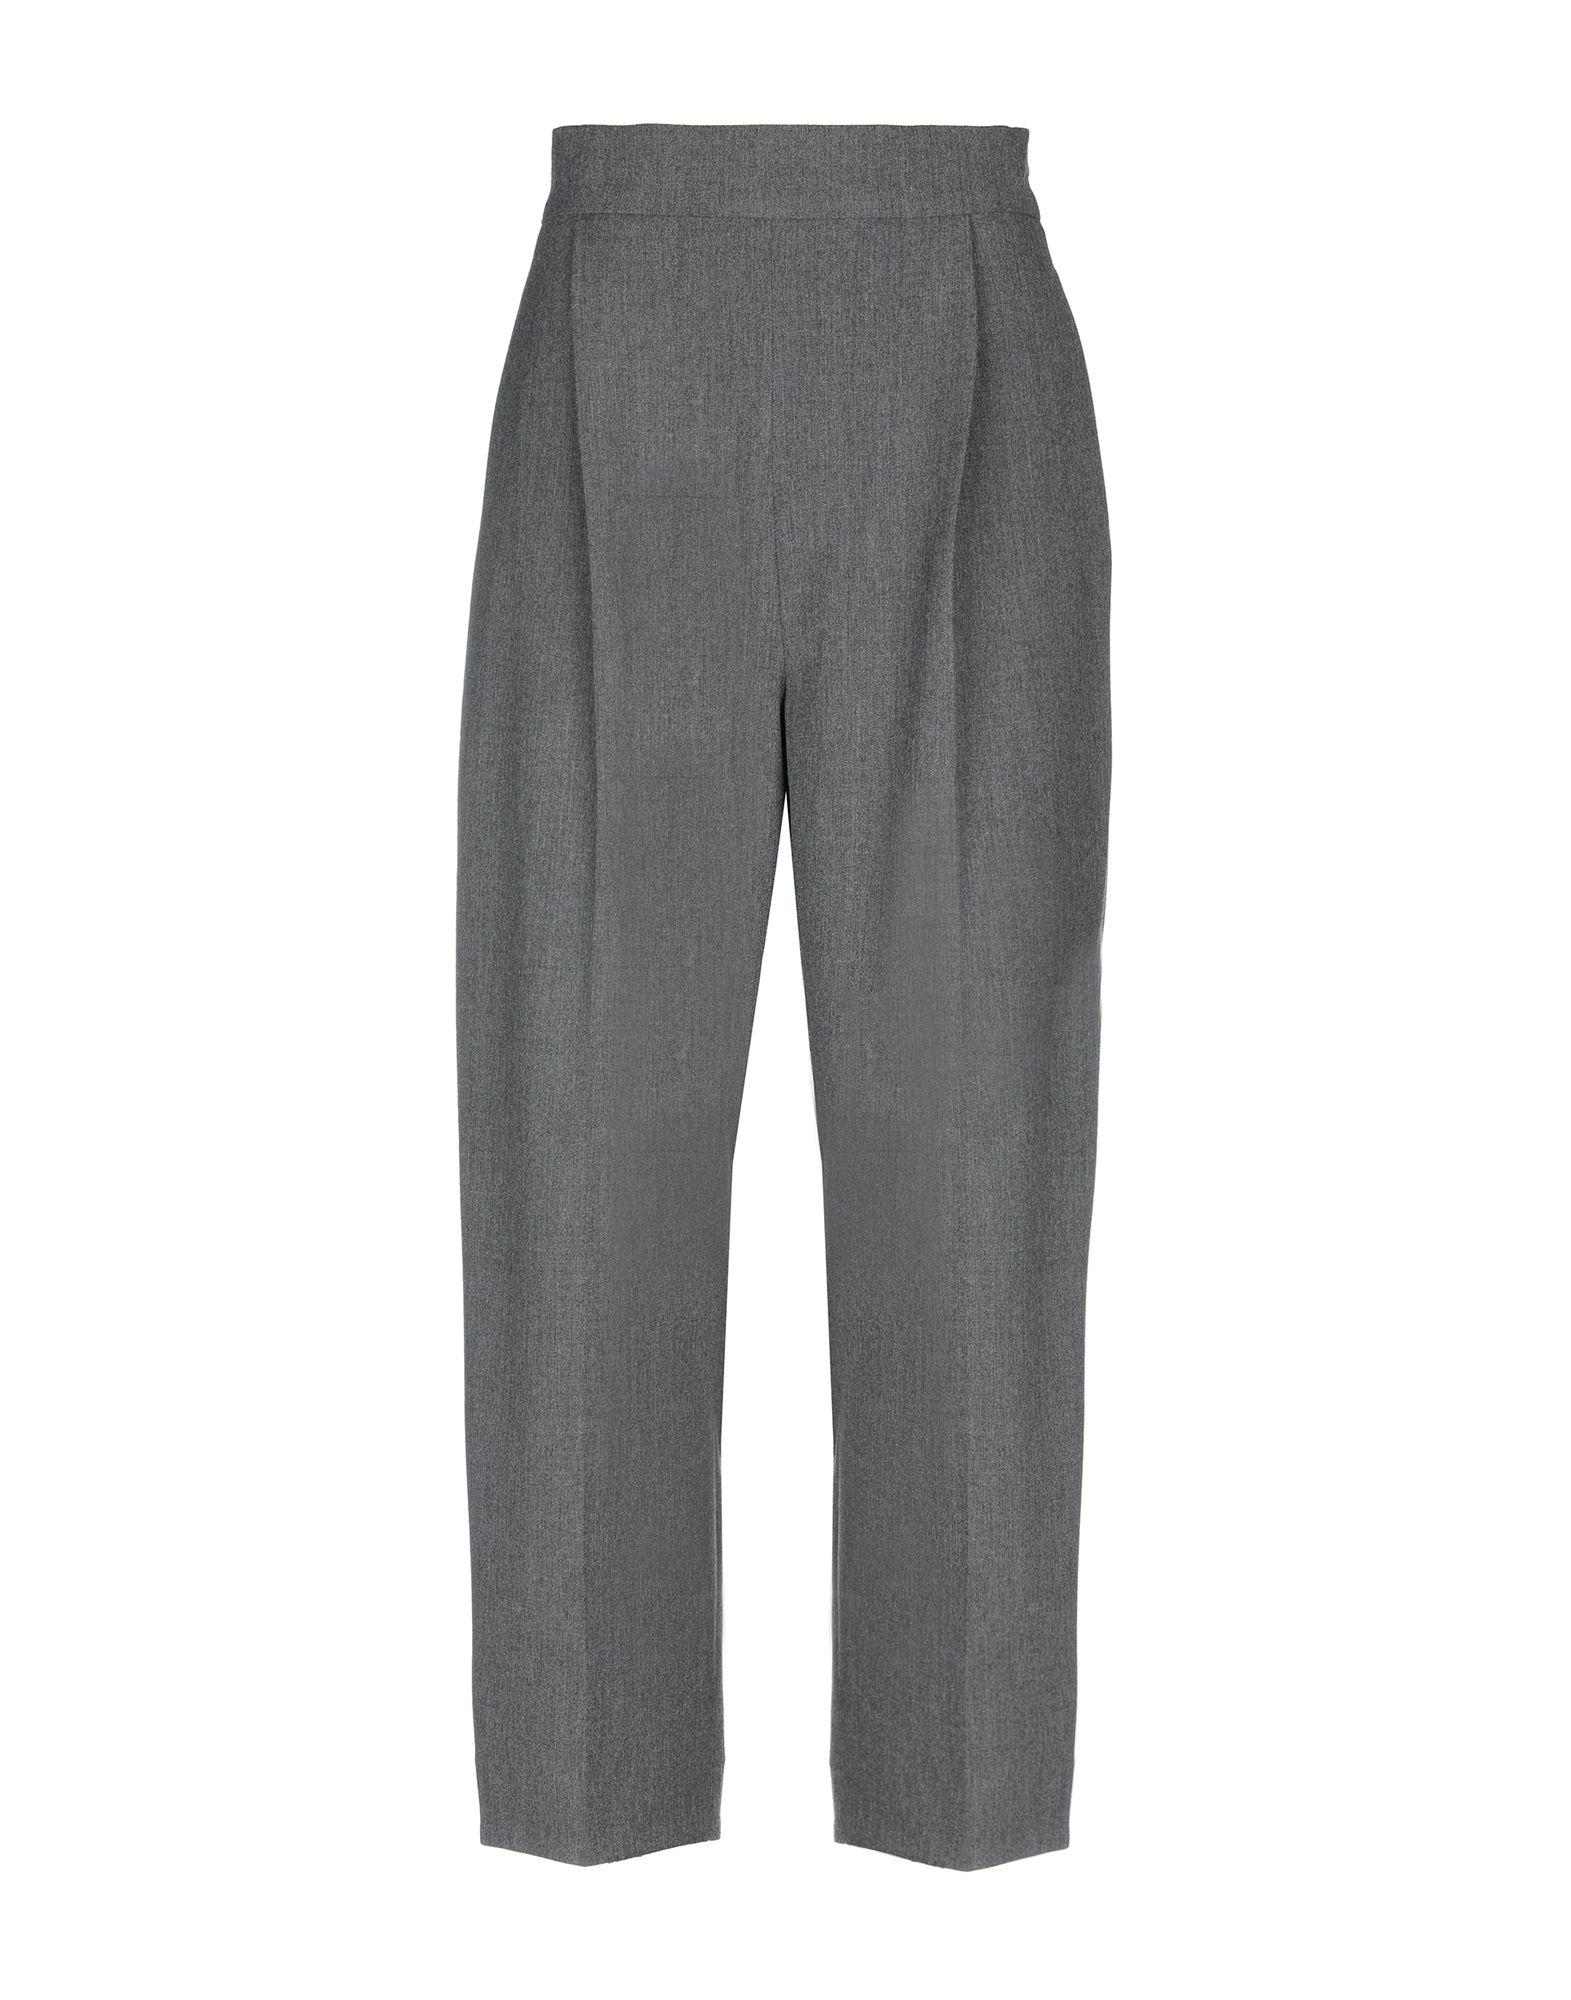 I BLUES Повседневные брюки ремешки для туклипсов messingshlager 313137